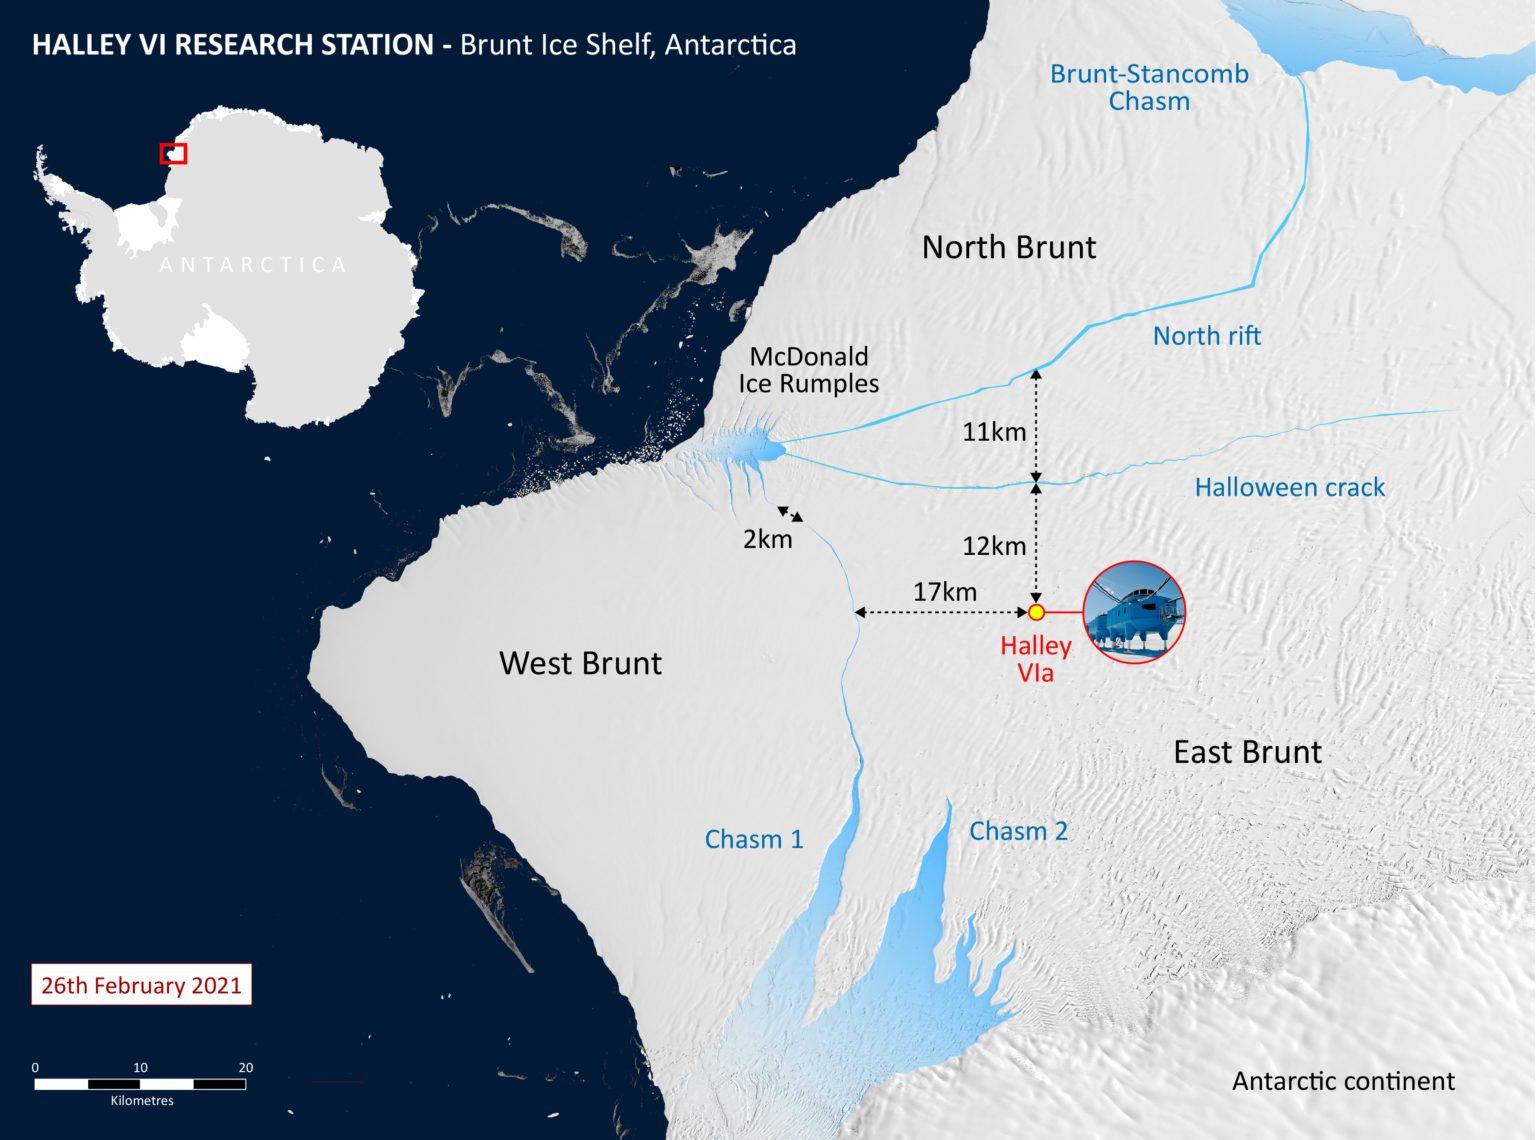 La piattaforma glaciale antartica Brunt e la posizione della stazione di ricerca Halley VI / BAS